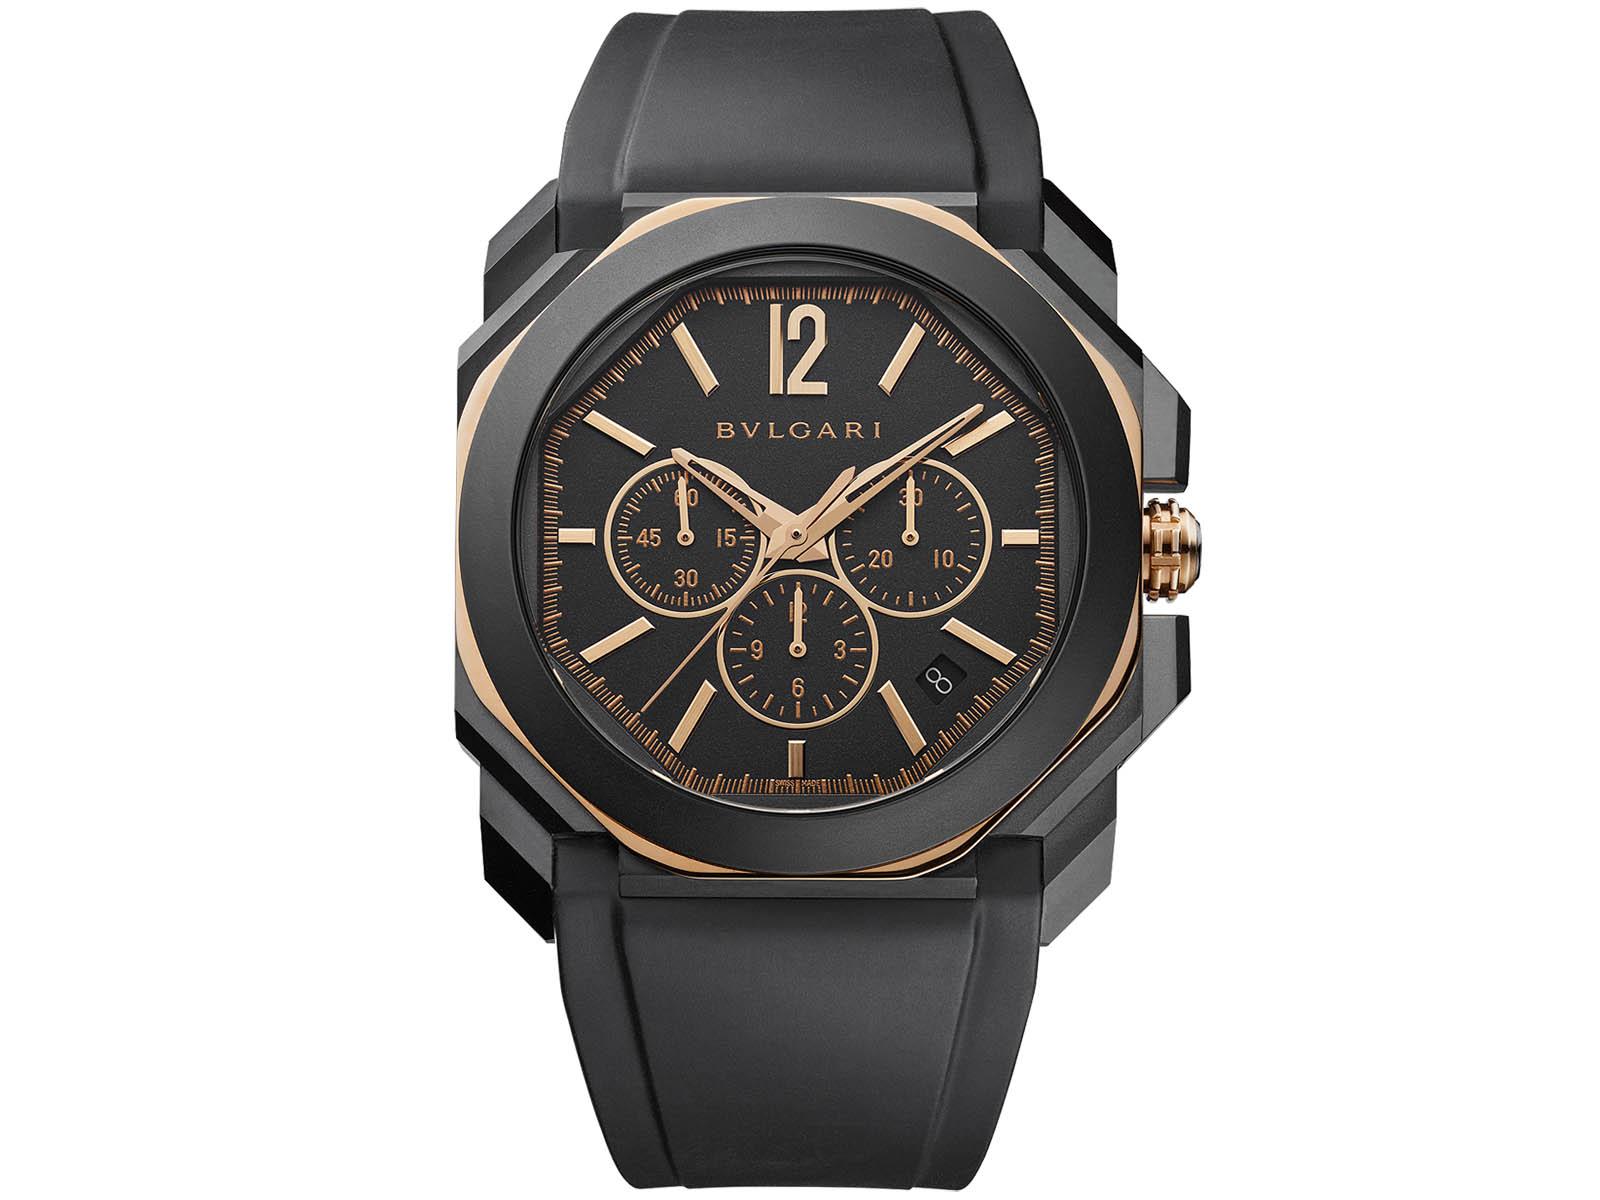 103075-bulgari-l-originale-chronograph-2.jpg